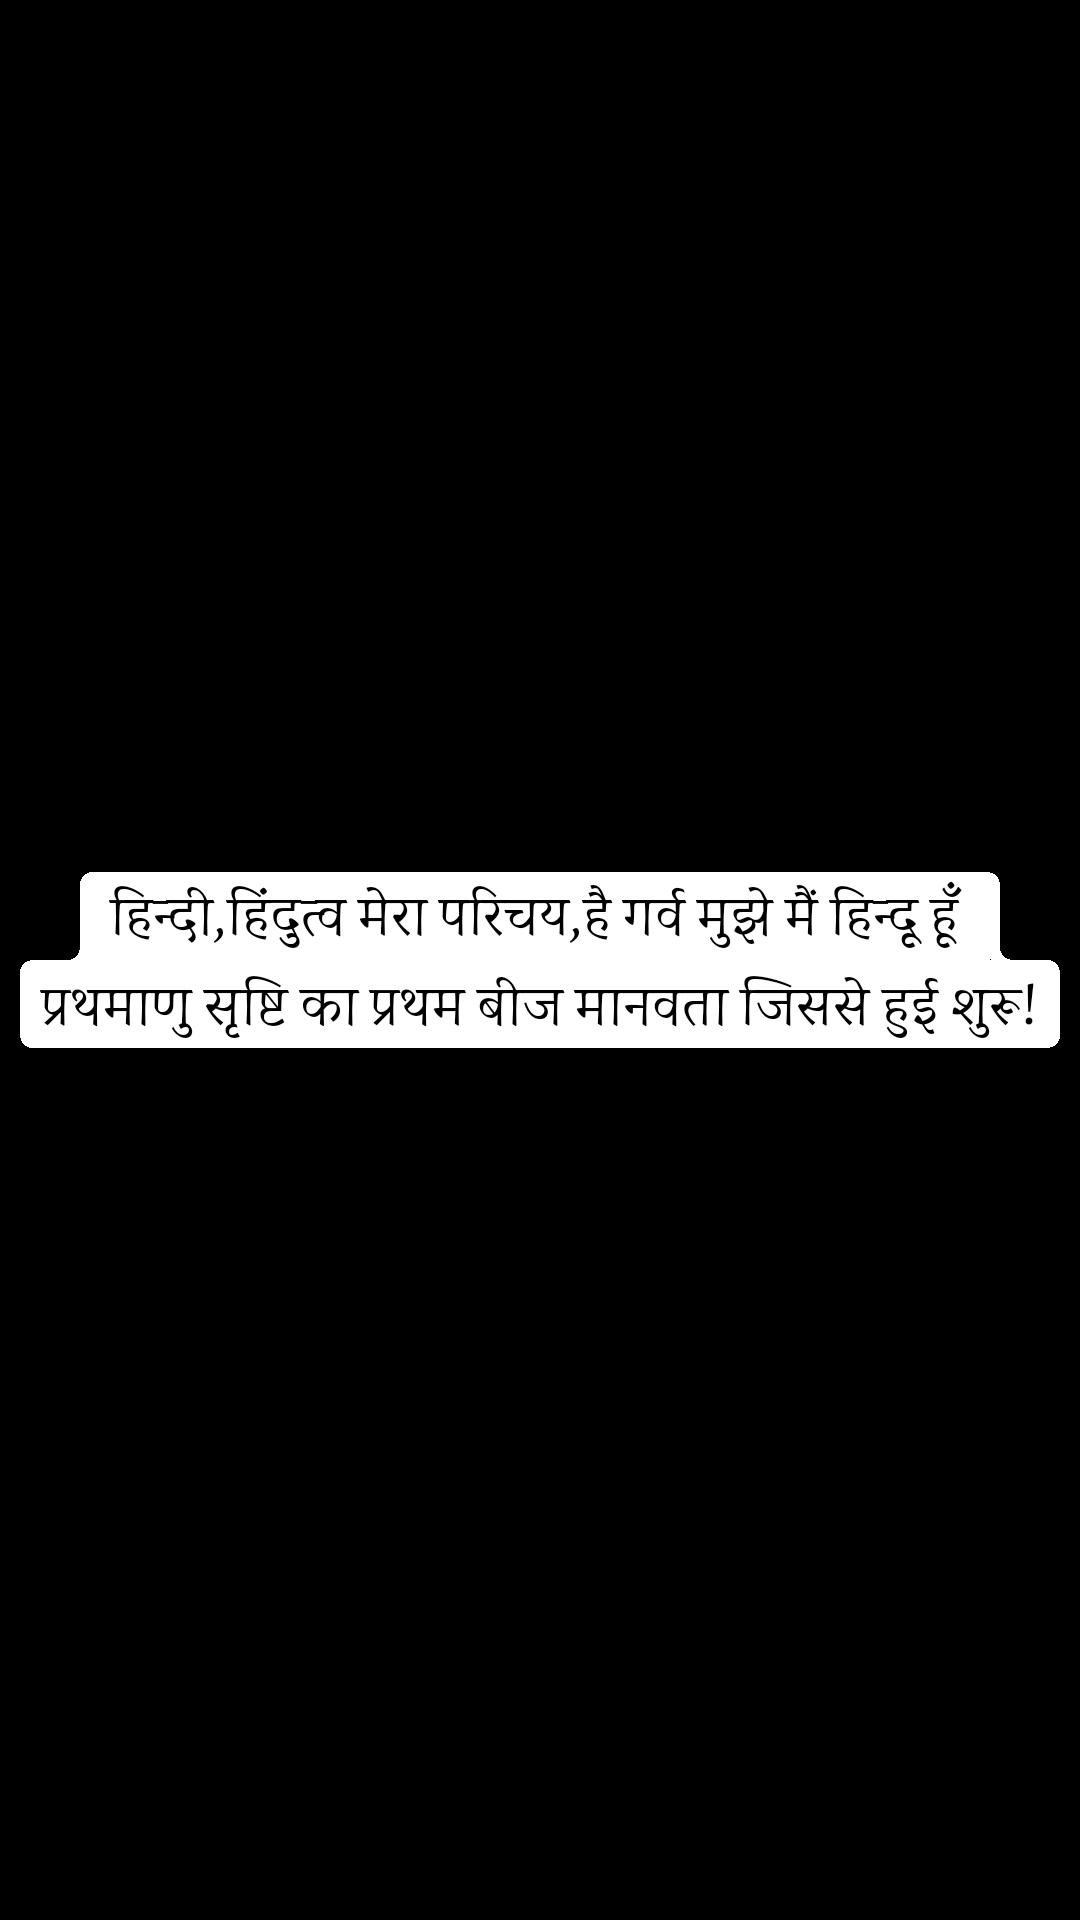 हिन्दी,हिंदुत्व मेरा परिचय,है गर्व मुझे मैं हिन्दू हूँ  प्रथमाणु सृष्टि का प्रथम बीज मानवता जिससे हुई शुरू!